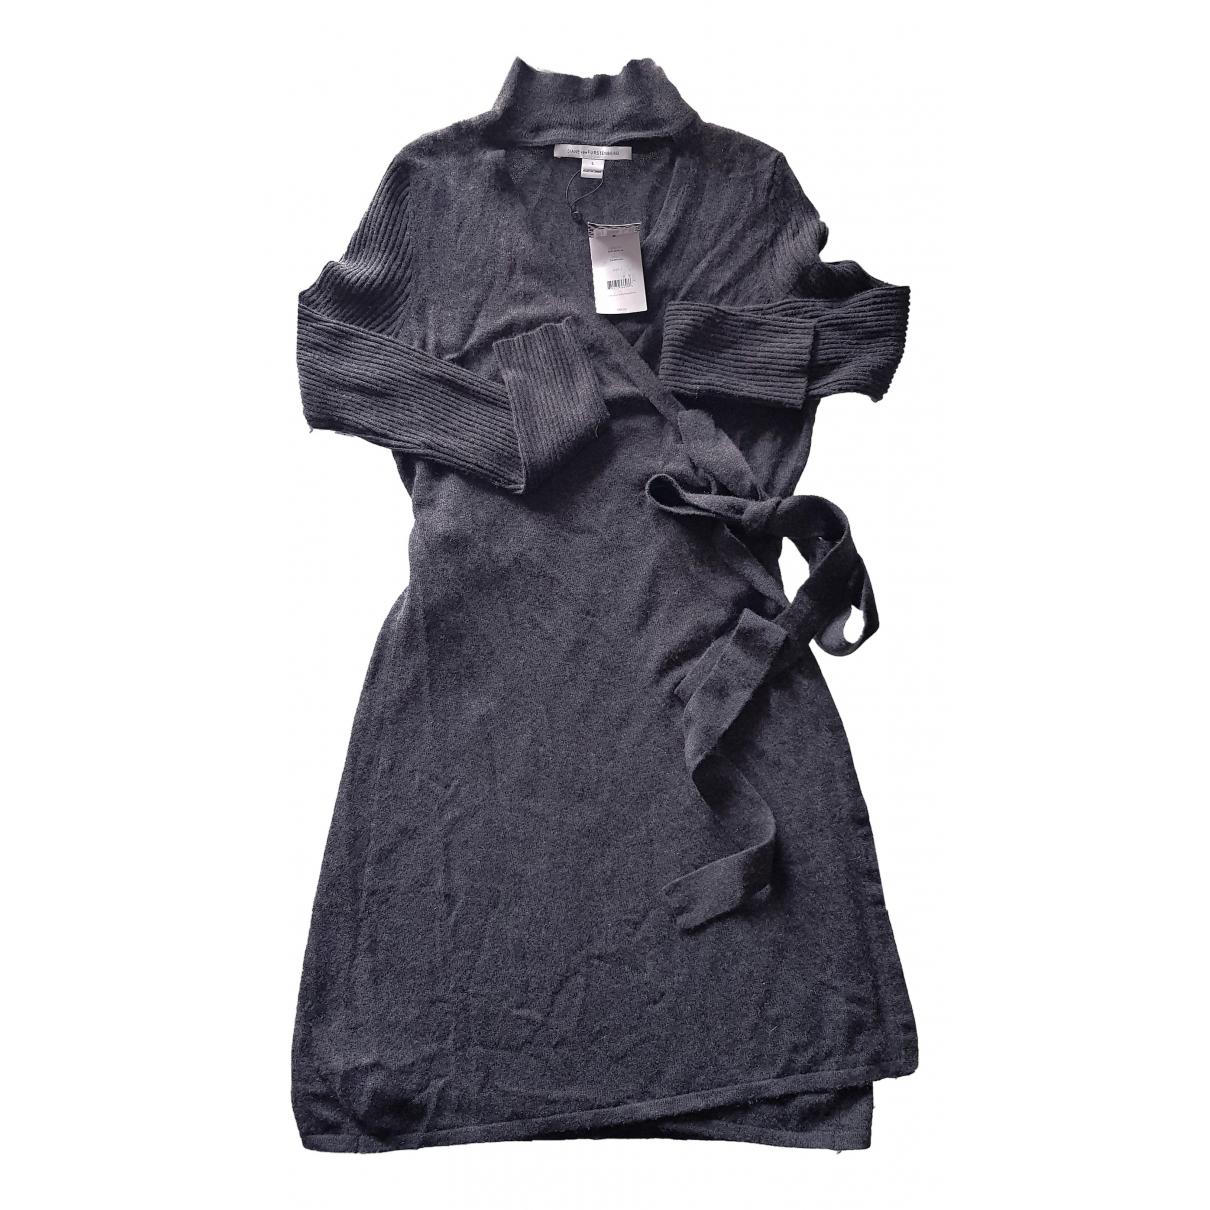 Diane Von Furstenberg \N Grey Cashmere dress for Women L International